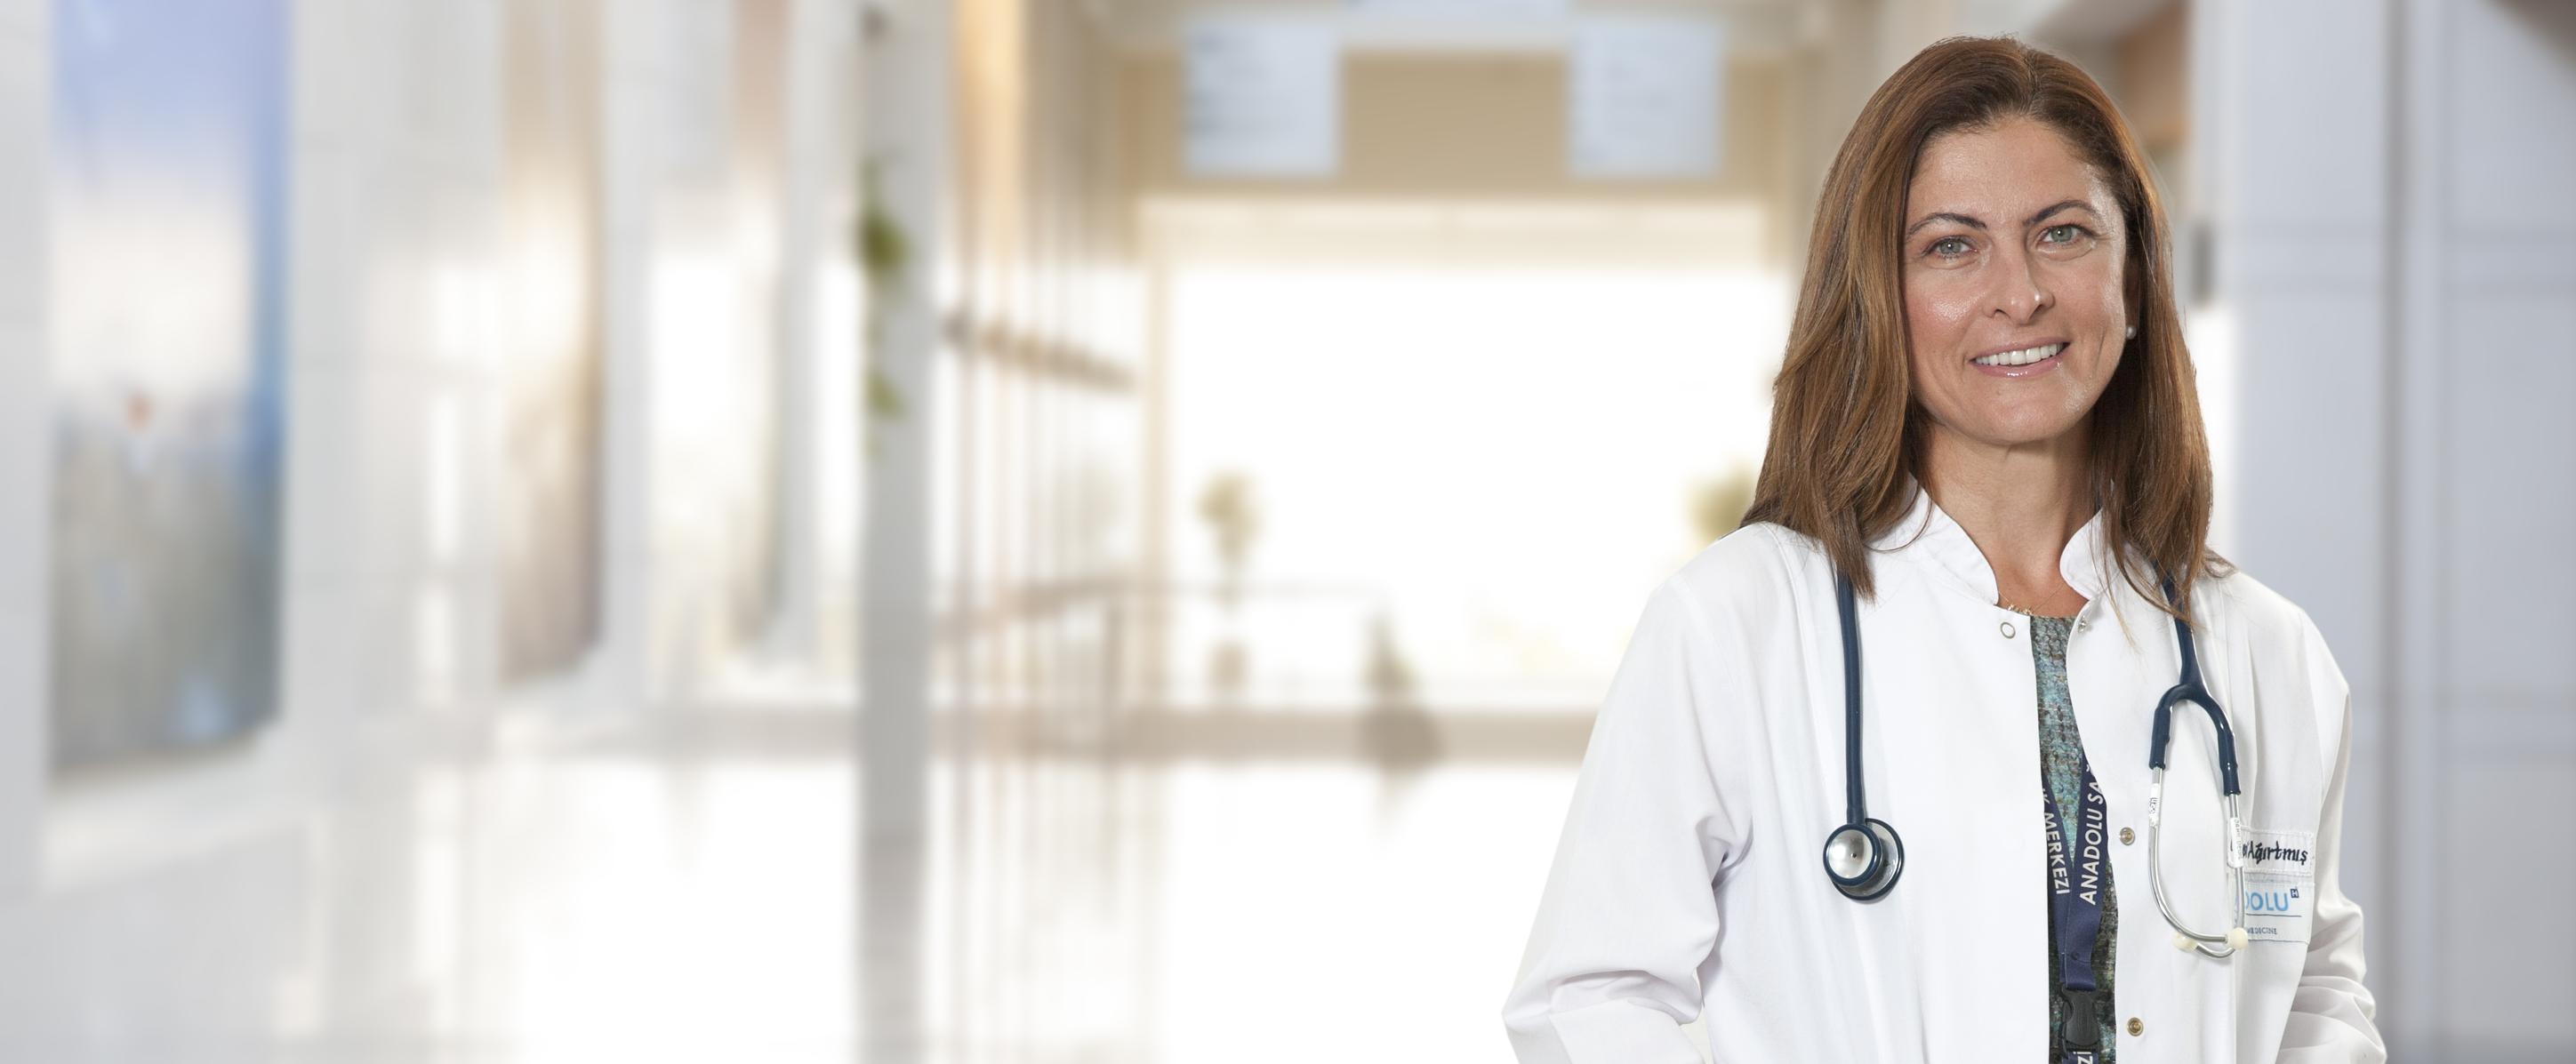 Айсин Агрытмыш — квалифицированная помощь в медицинском центре Anadolu